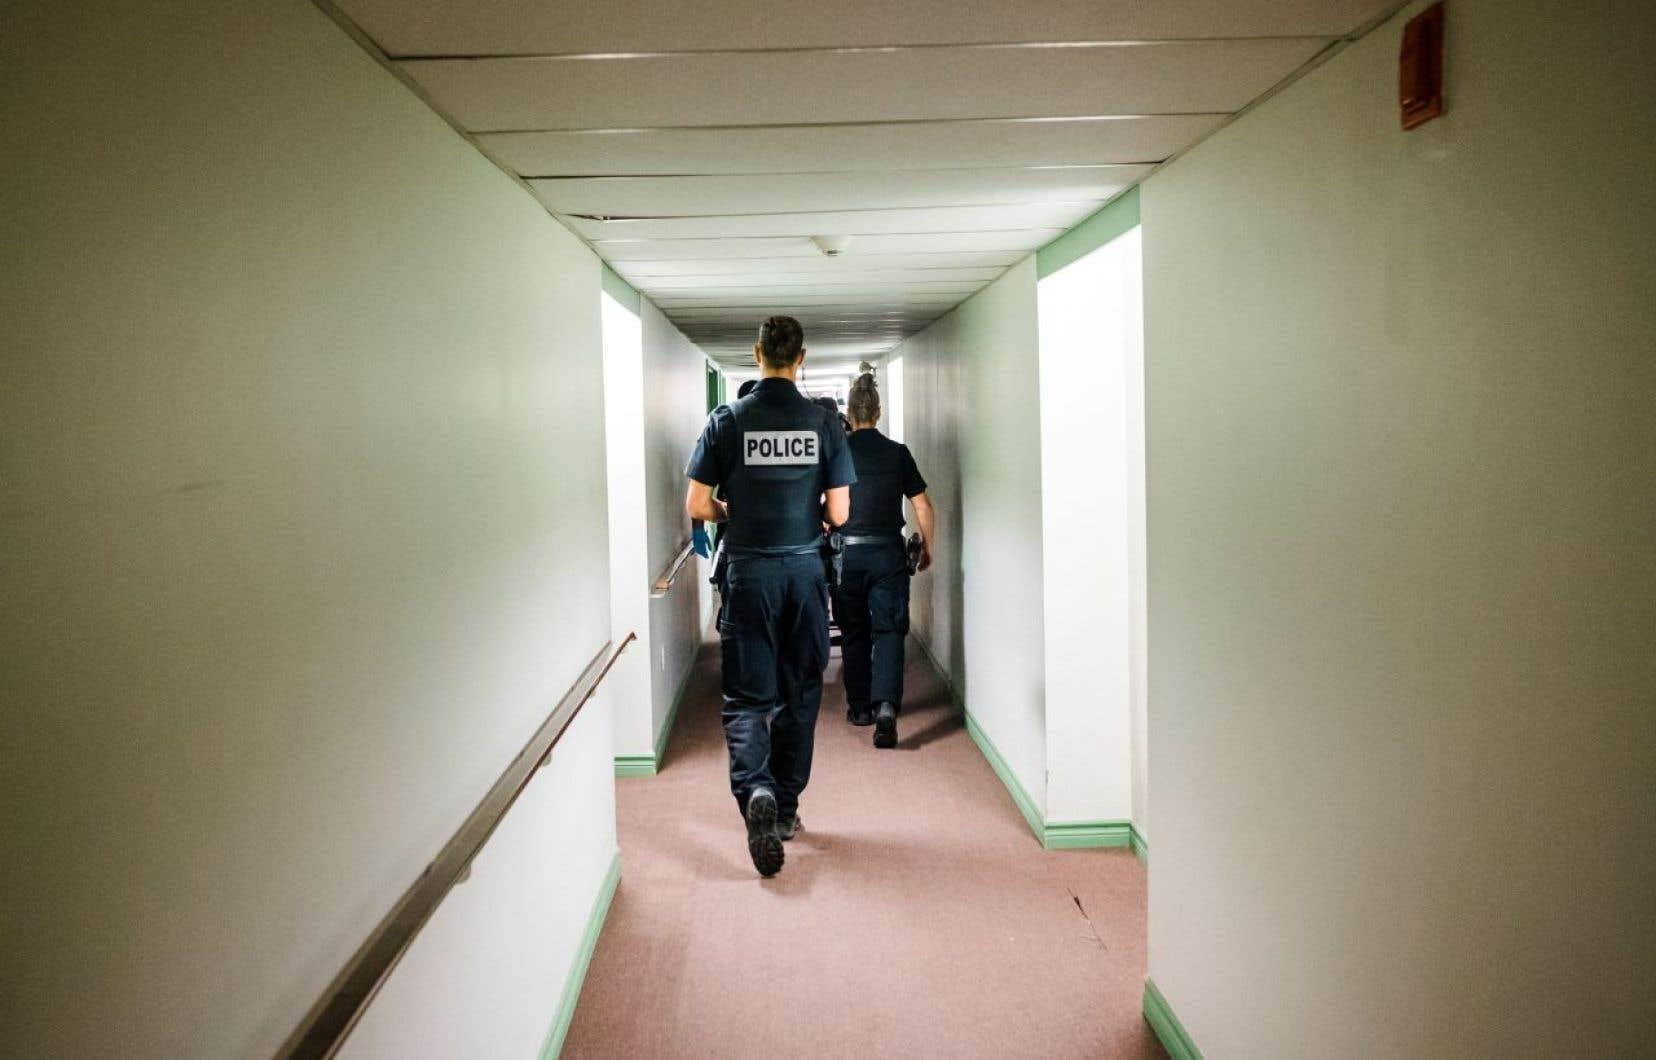 L'objectif du projet surnommé RESO est d'avoir une police capable de mieux saisir les enjeux de son milieu et d'intervenir plus tôt, avant la crise.